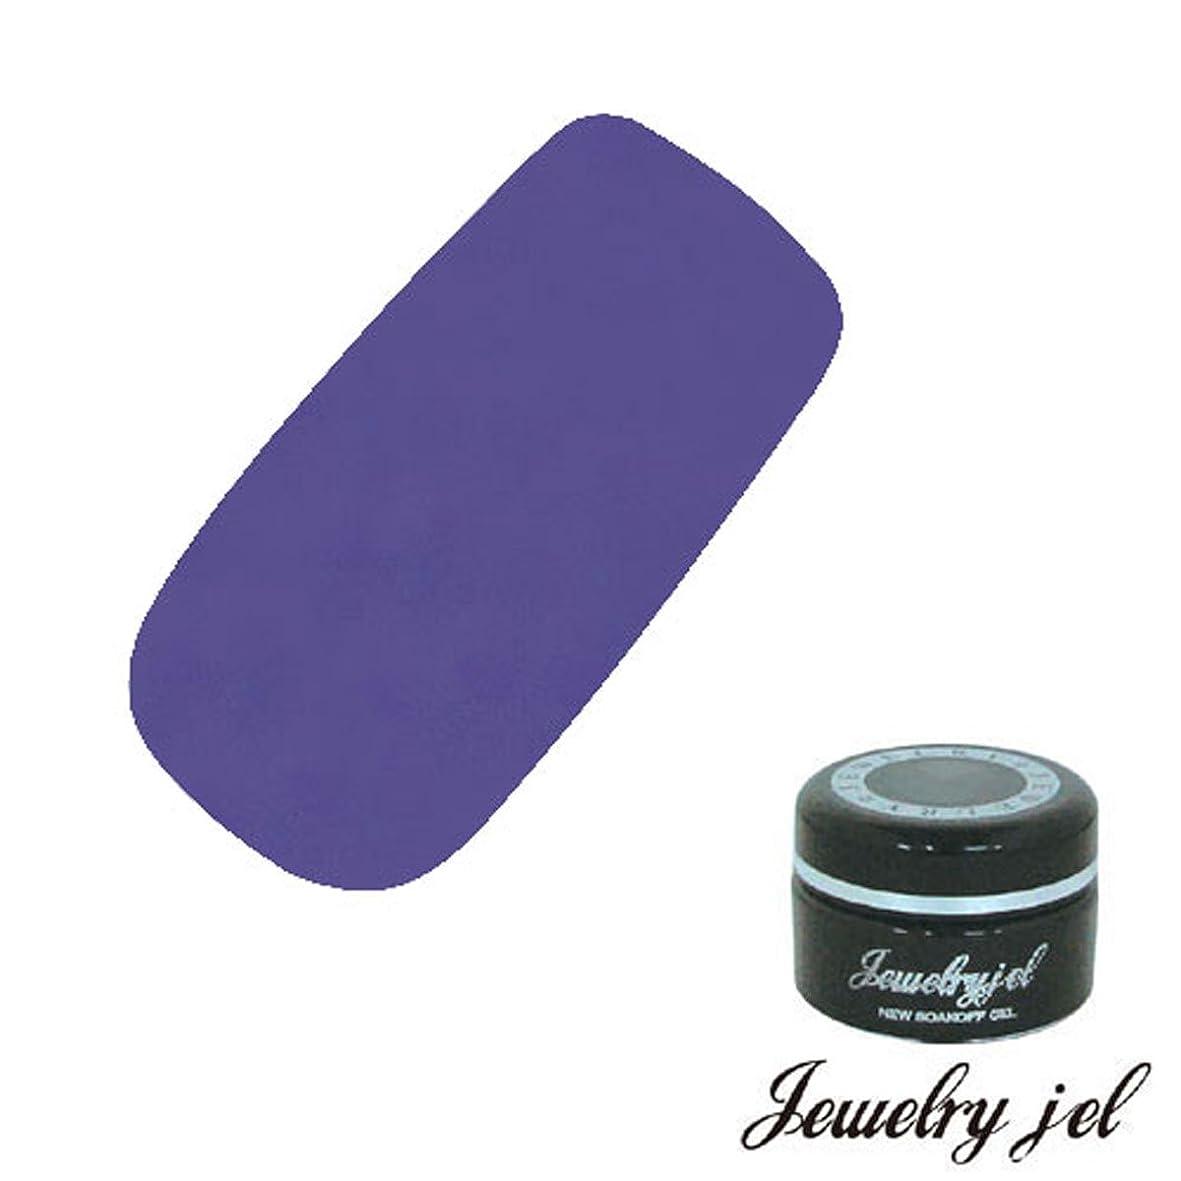 ルビーくちばし贅沢なジュエリージェル ジェルネイル カラージェル SB213 3.5g バイオレット パール入り UV/LED対応  ソークオフジェル カクテルシャーベット